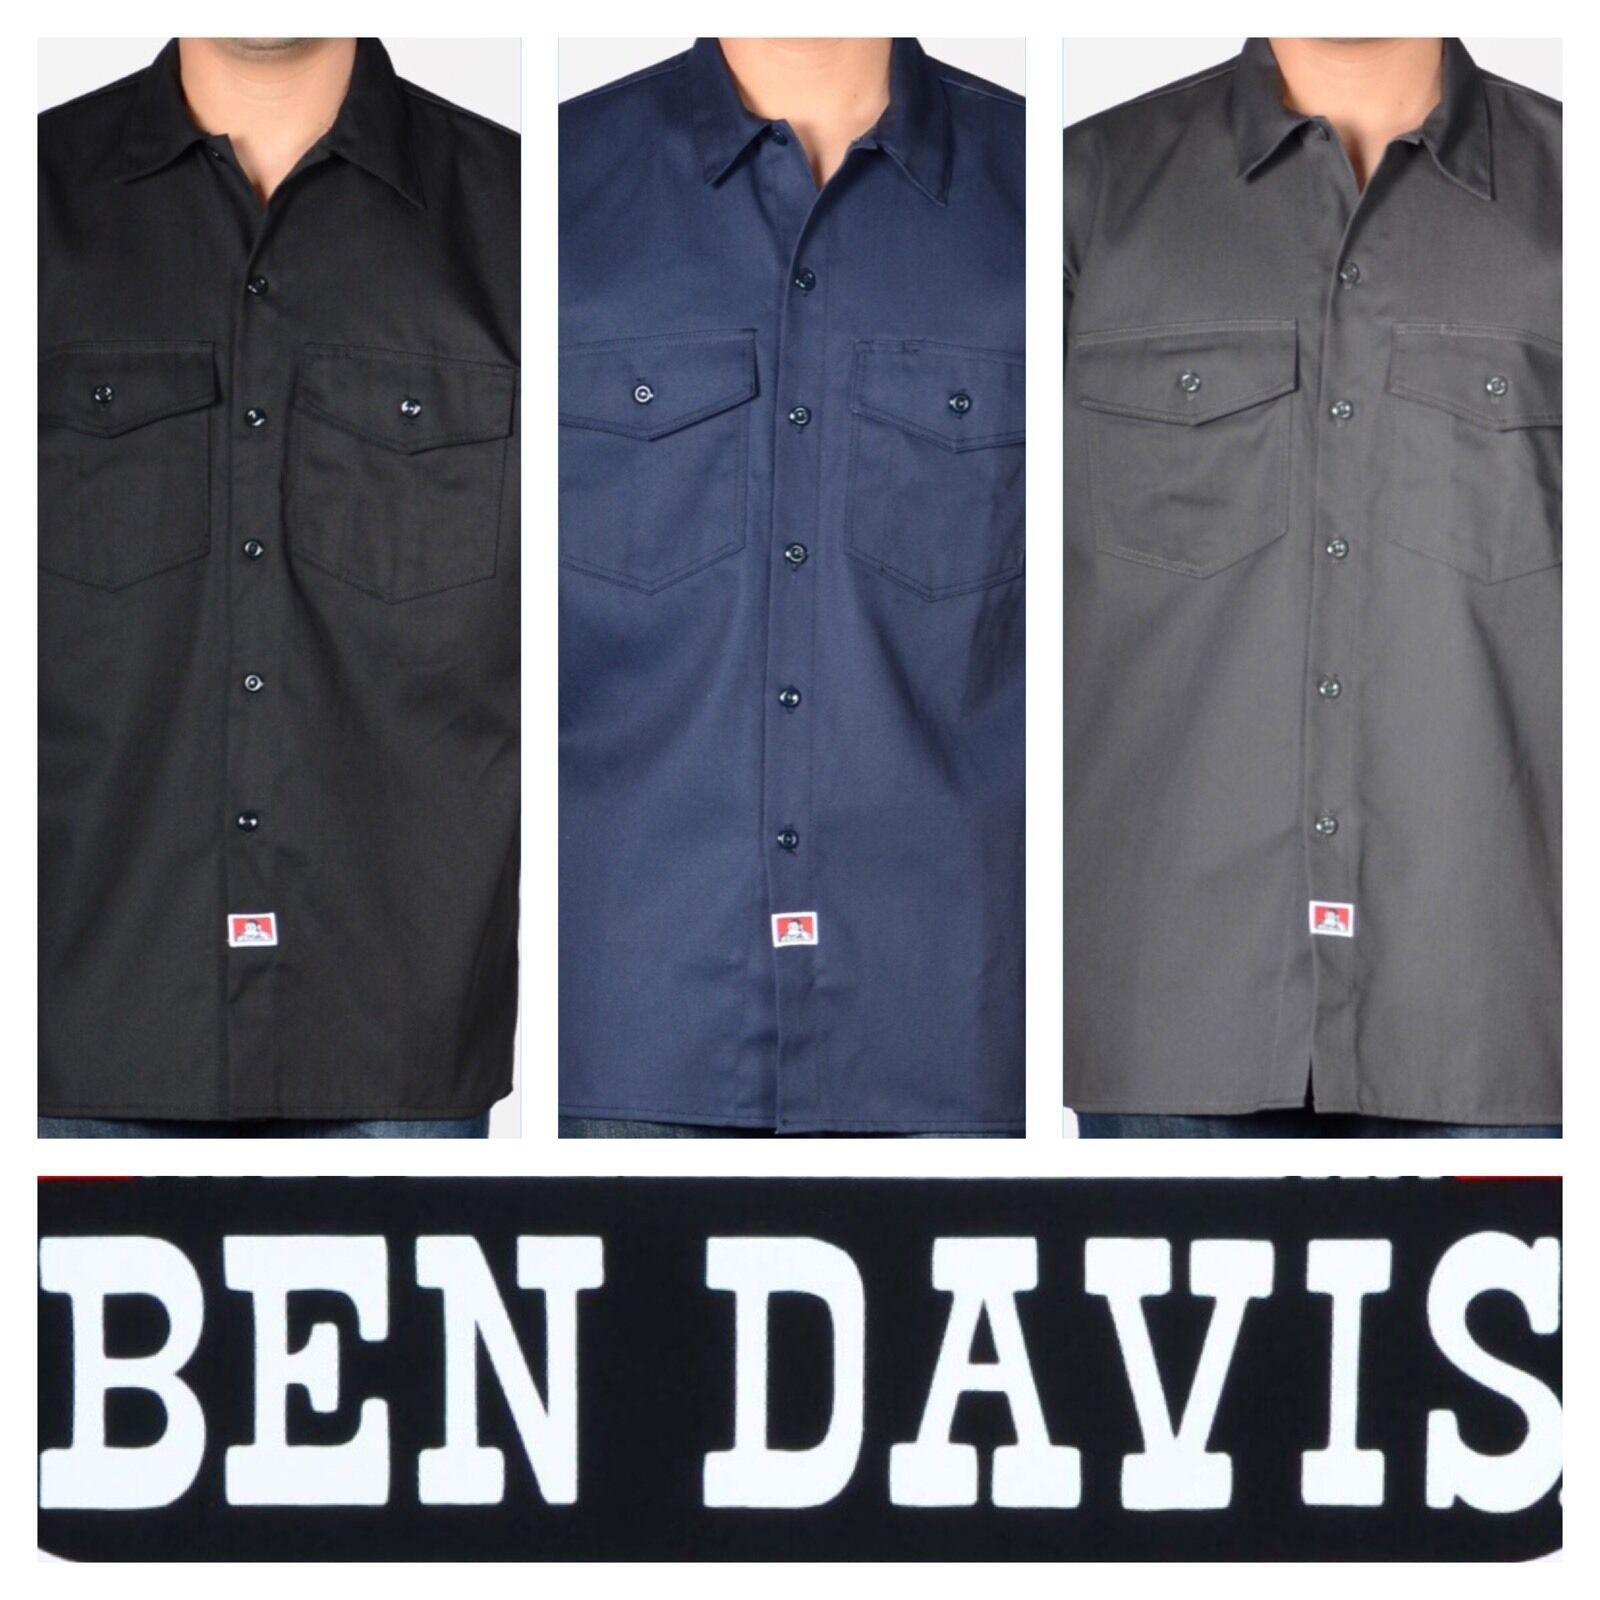 BEN DAVIS SHORT SLEEVE BUTTON UP WORK SHIRTS NEW